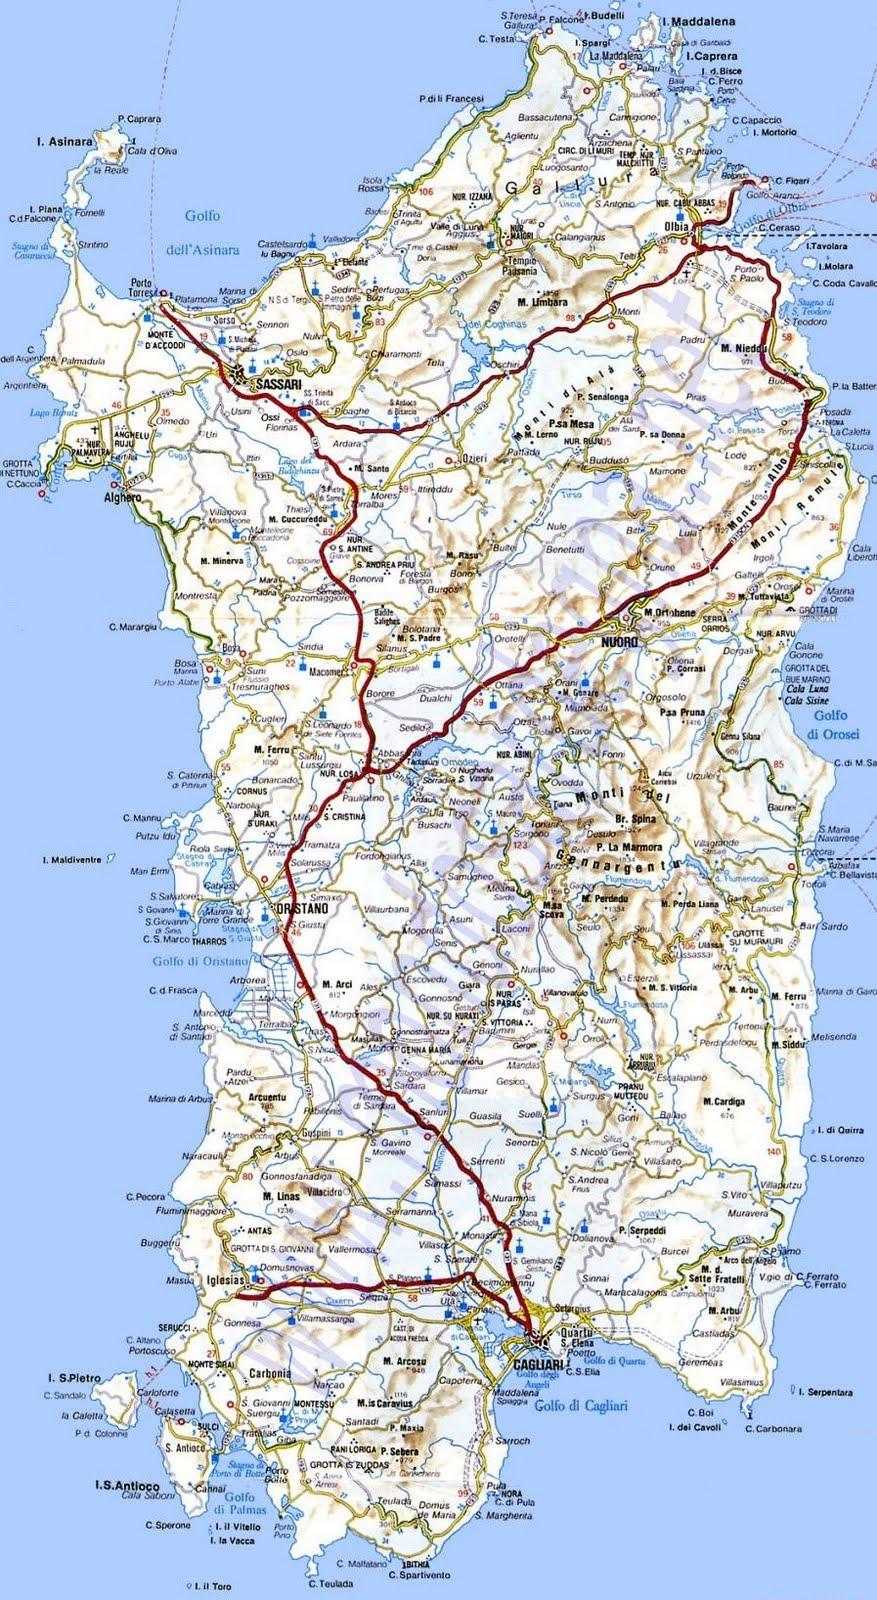 Cartina Italia Google Maps.Google Maps Europe Mappa De Cagliari Della Citta Immagini